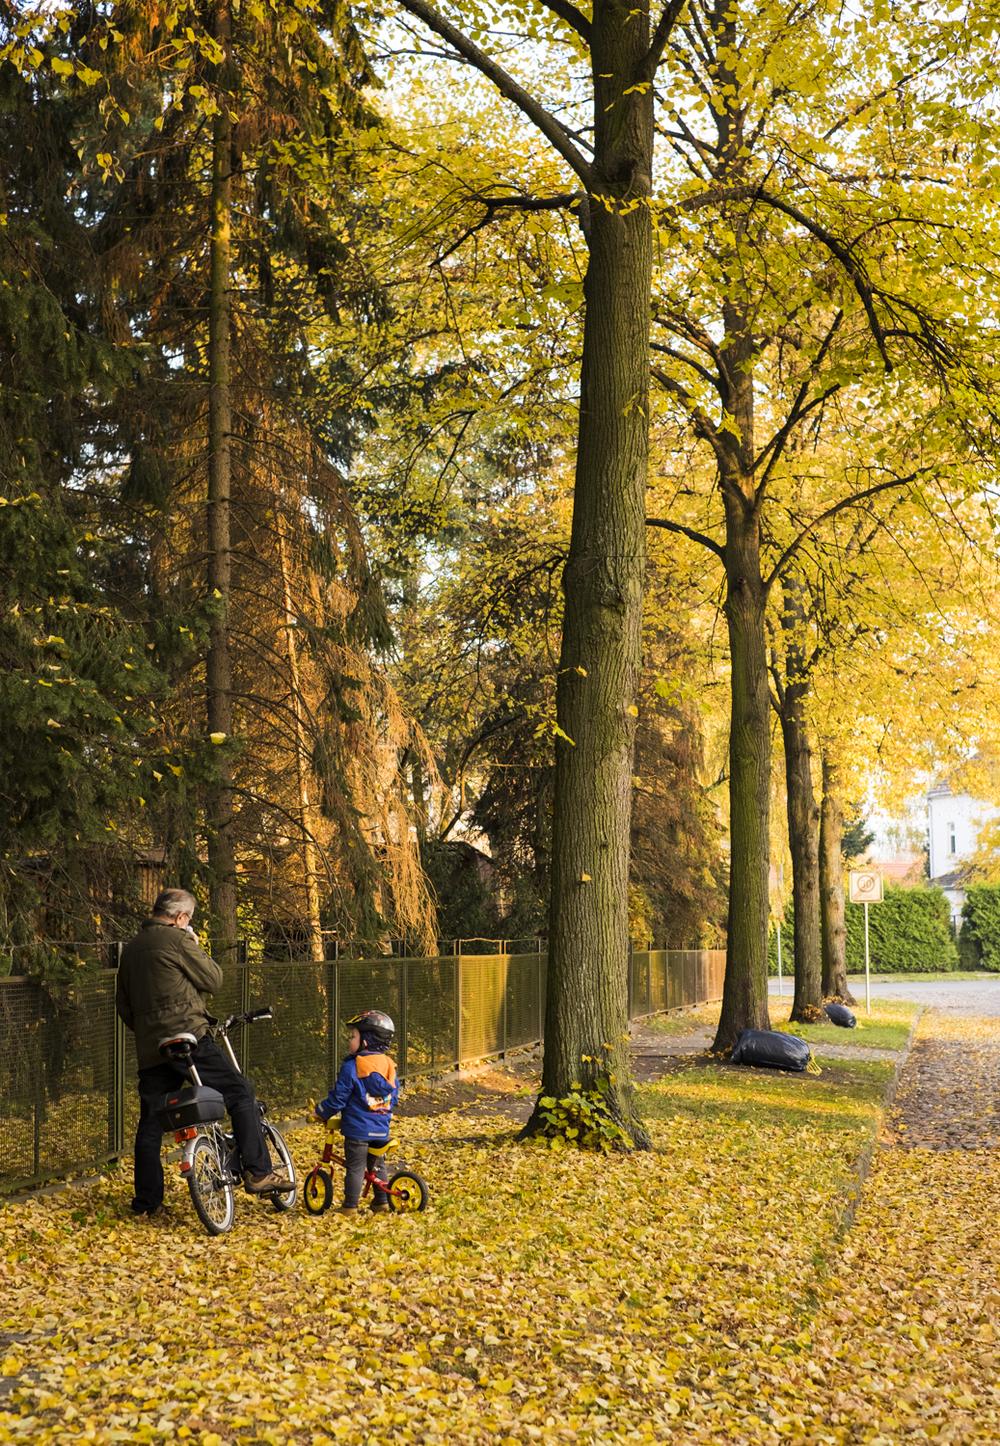 Berlin in the Fall